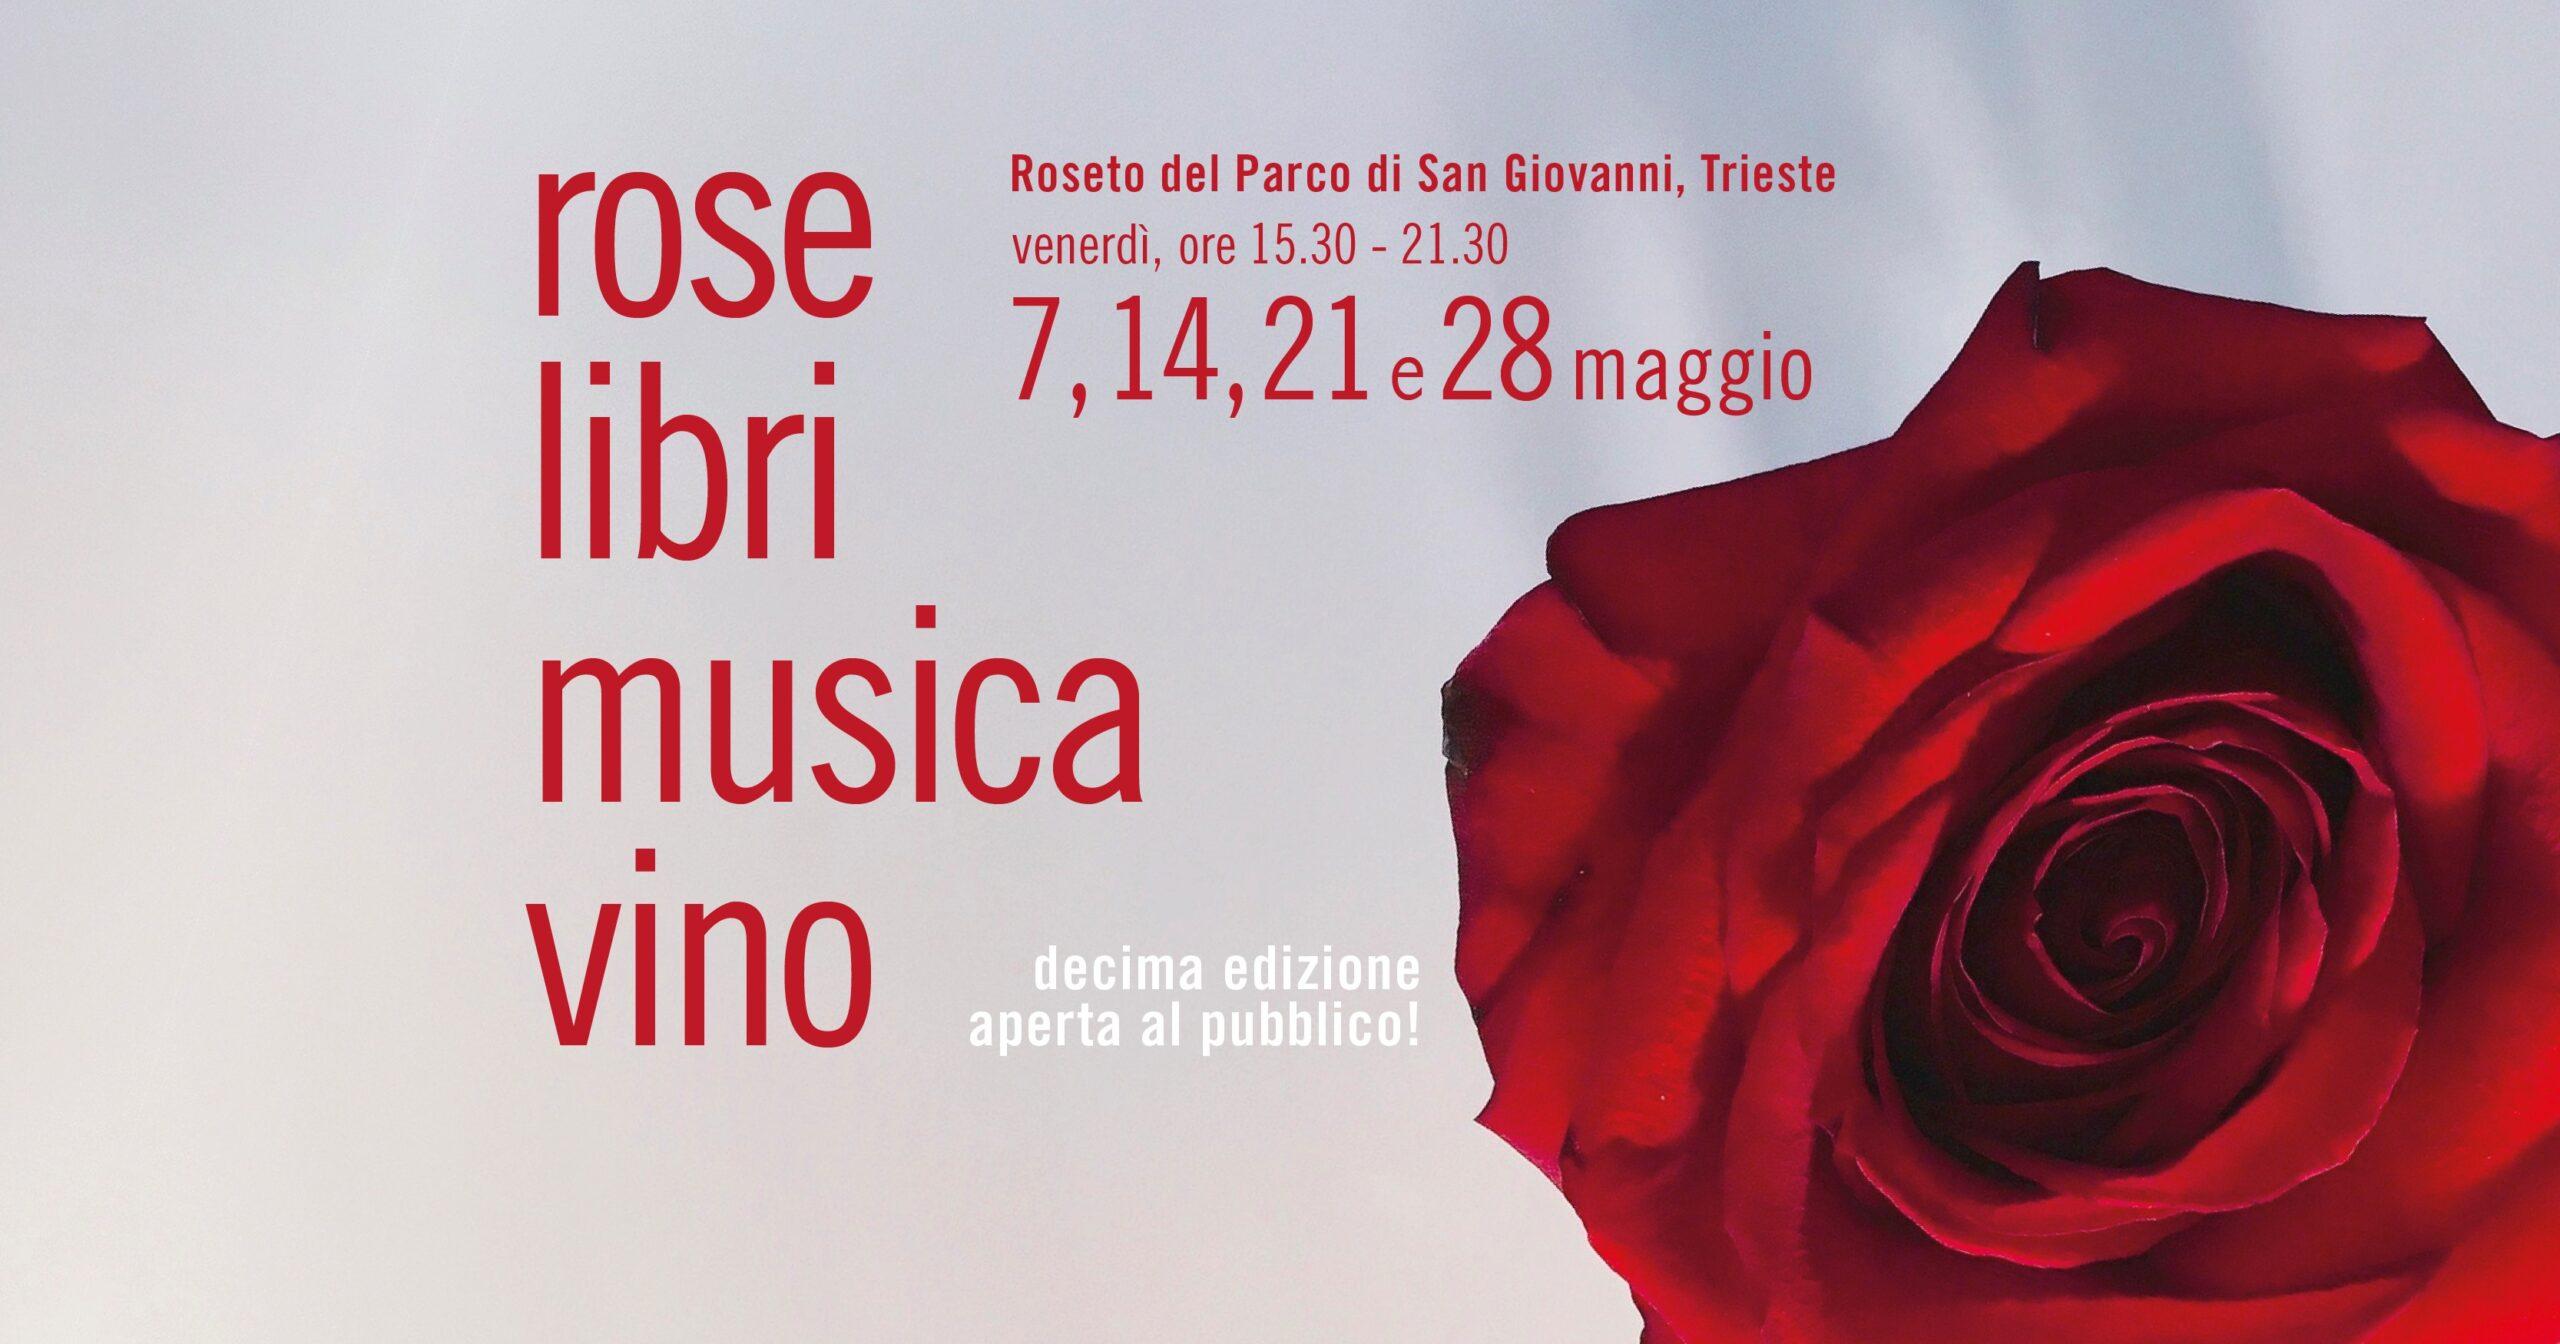 """Promossa dalla coop sociale Agricola Monte San Pantaleone e da UnTs torna a Trieste nel Parco di San Giovanni la rassegna culturale """"Rose Libri Musica Vino"""""""